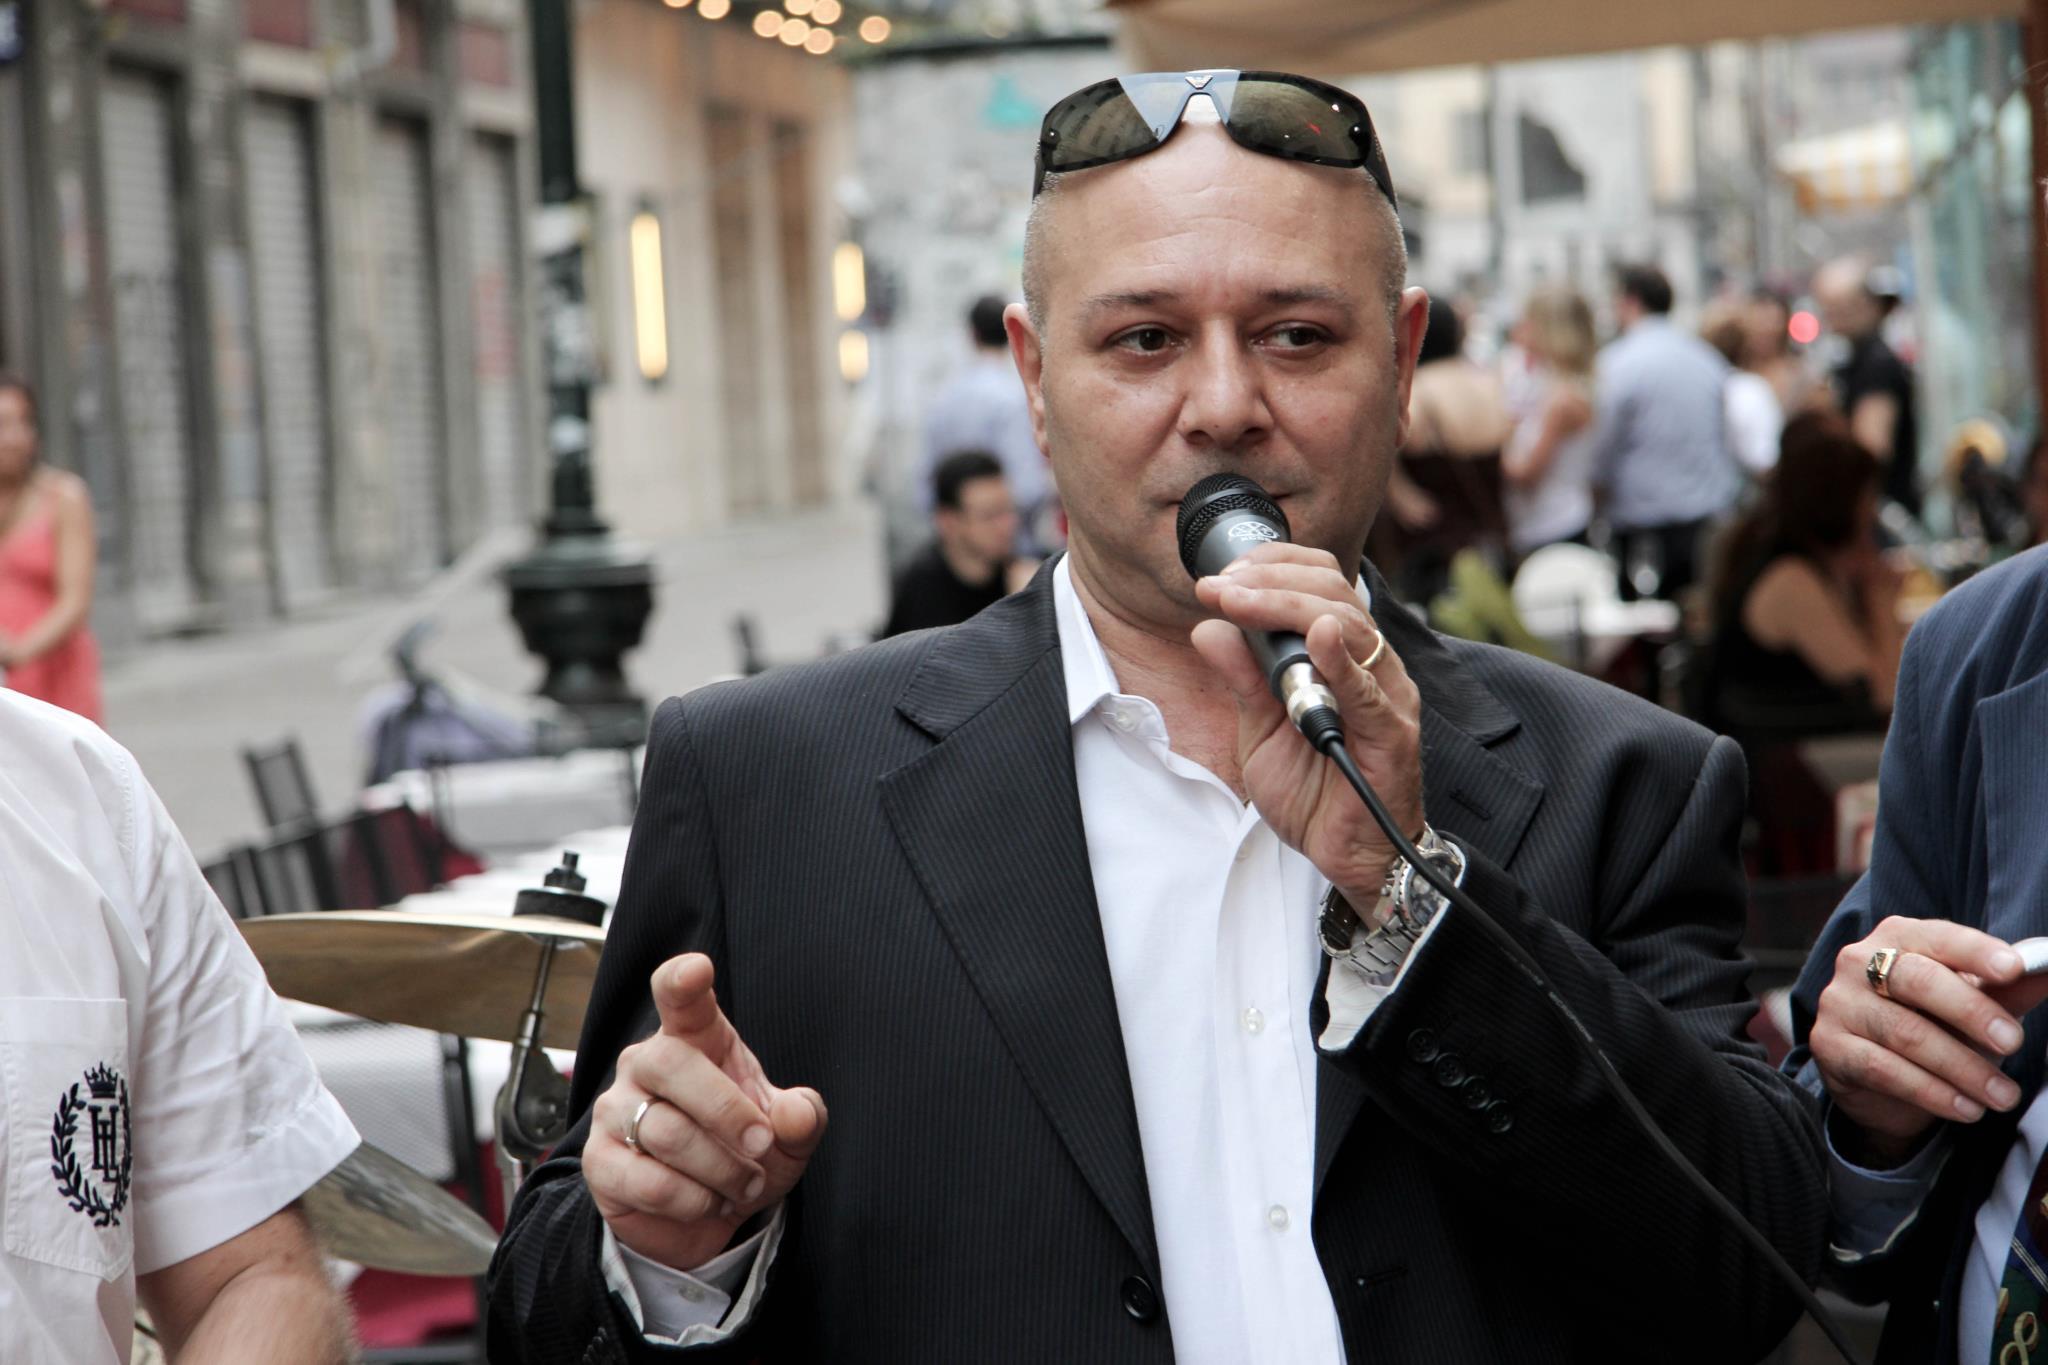 Donato Riva